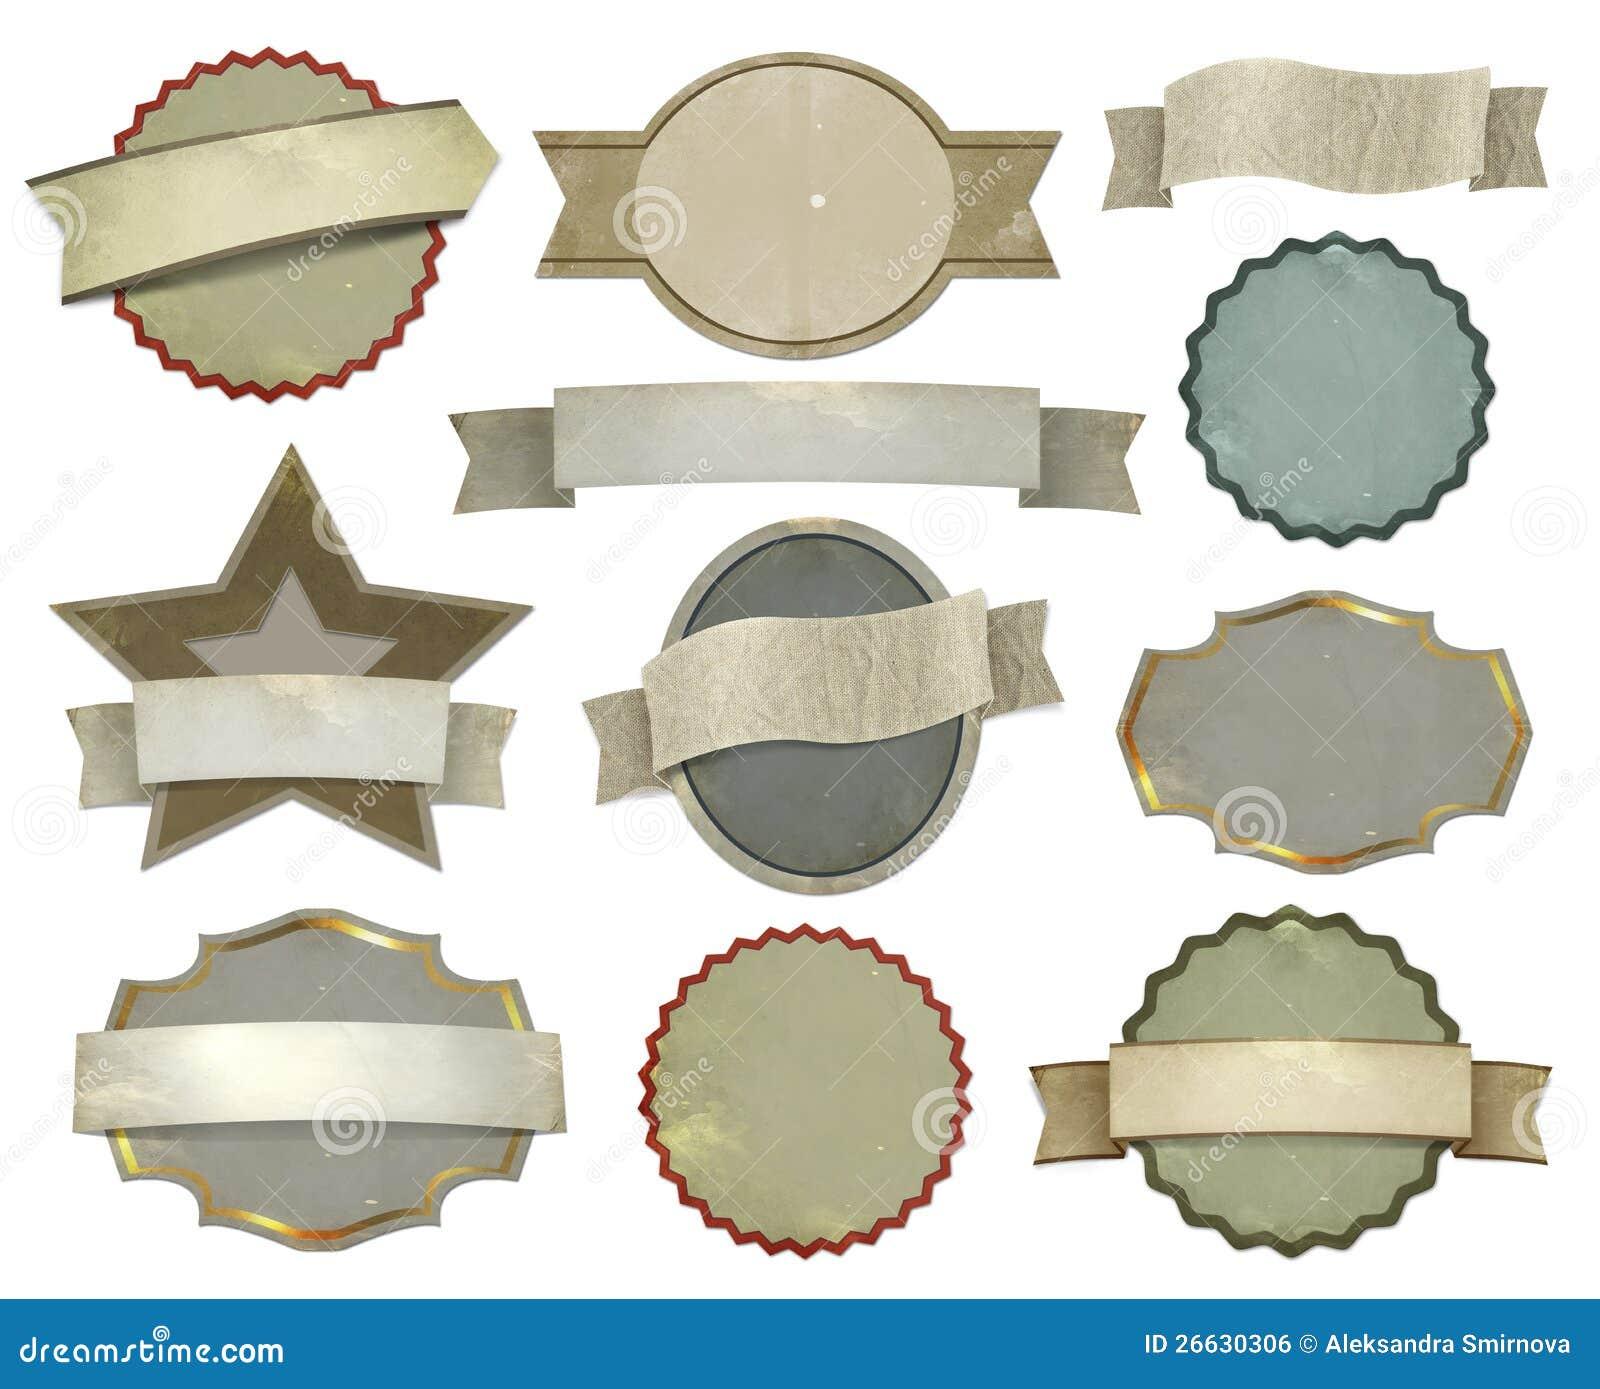 Set of vintage labels stock illustration. Image of ...